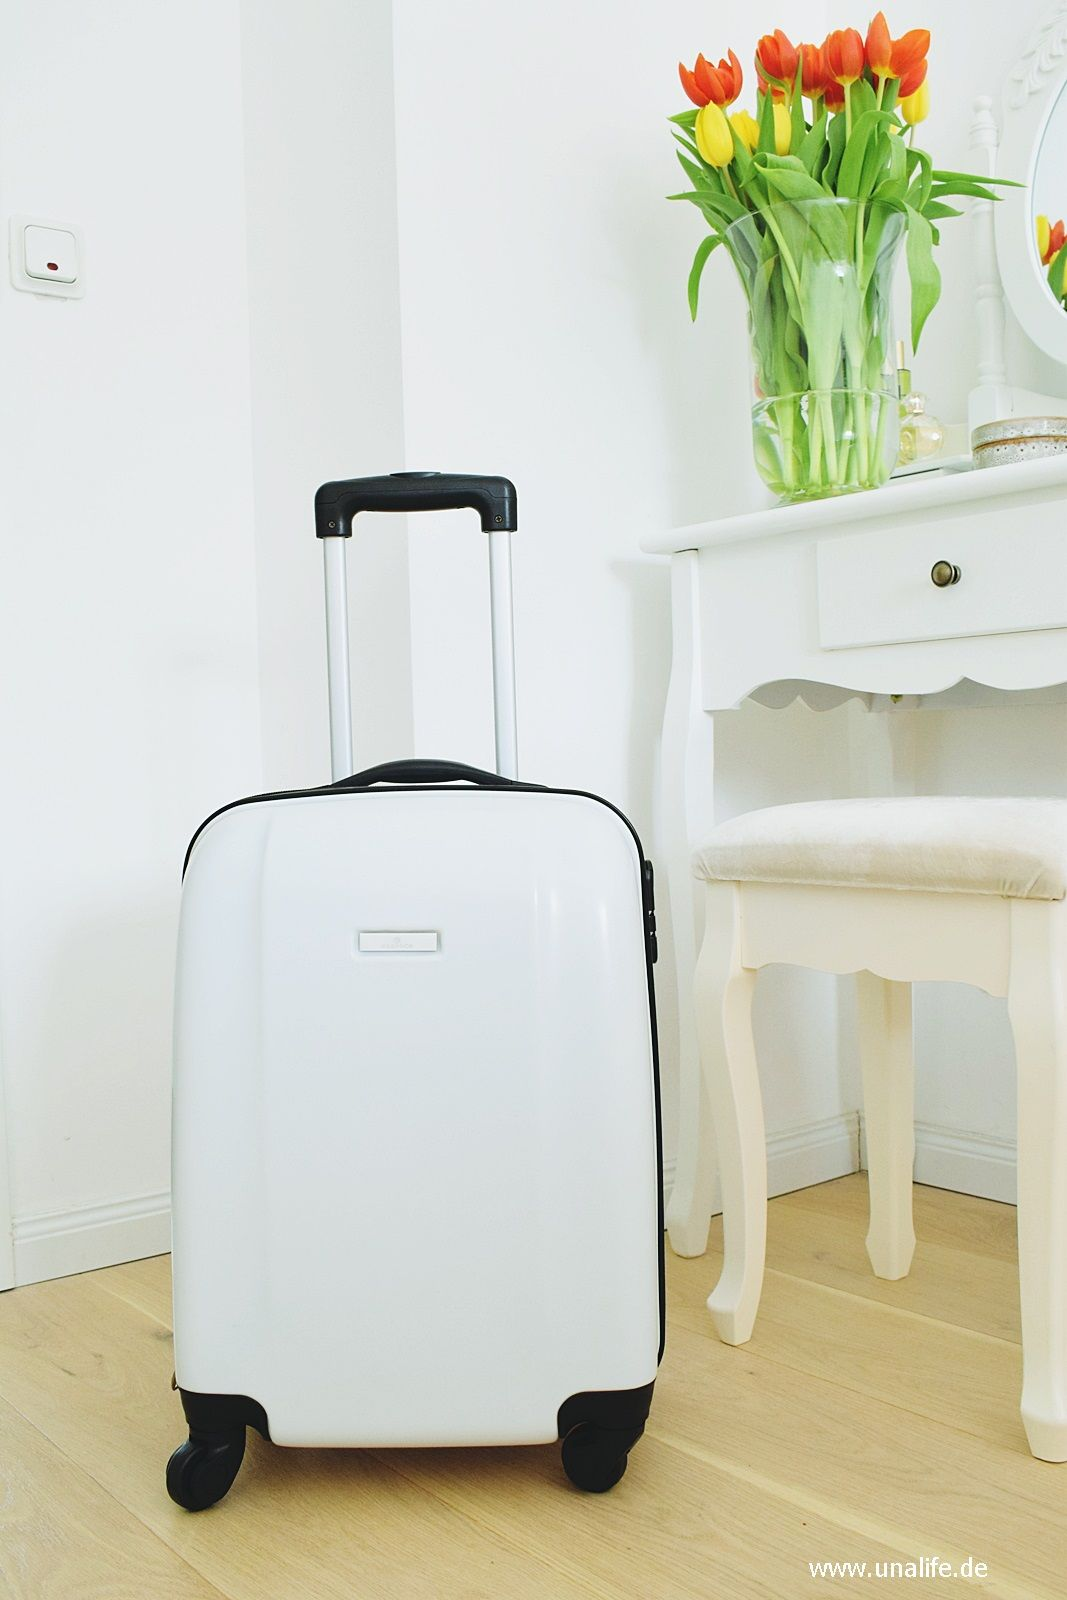 Neuheiten von Essence- ein Koffer voll mit Essence Produkten